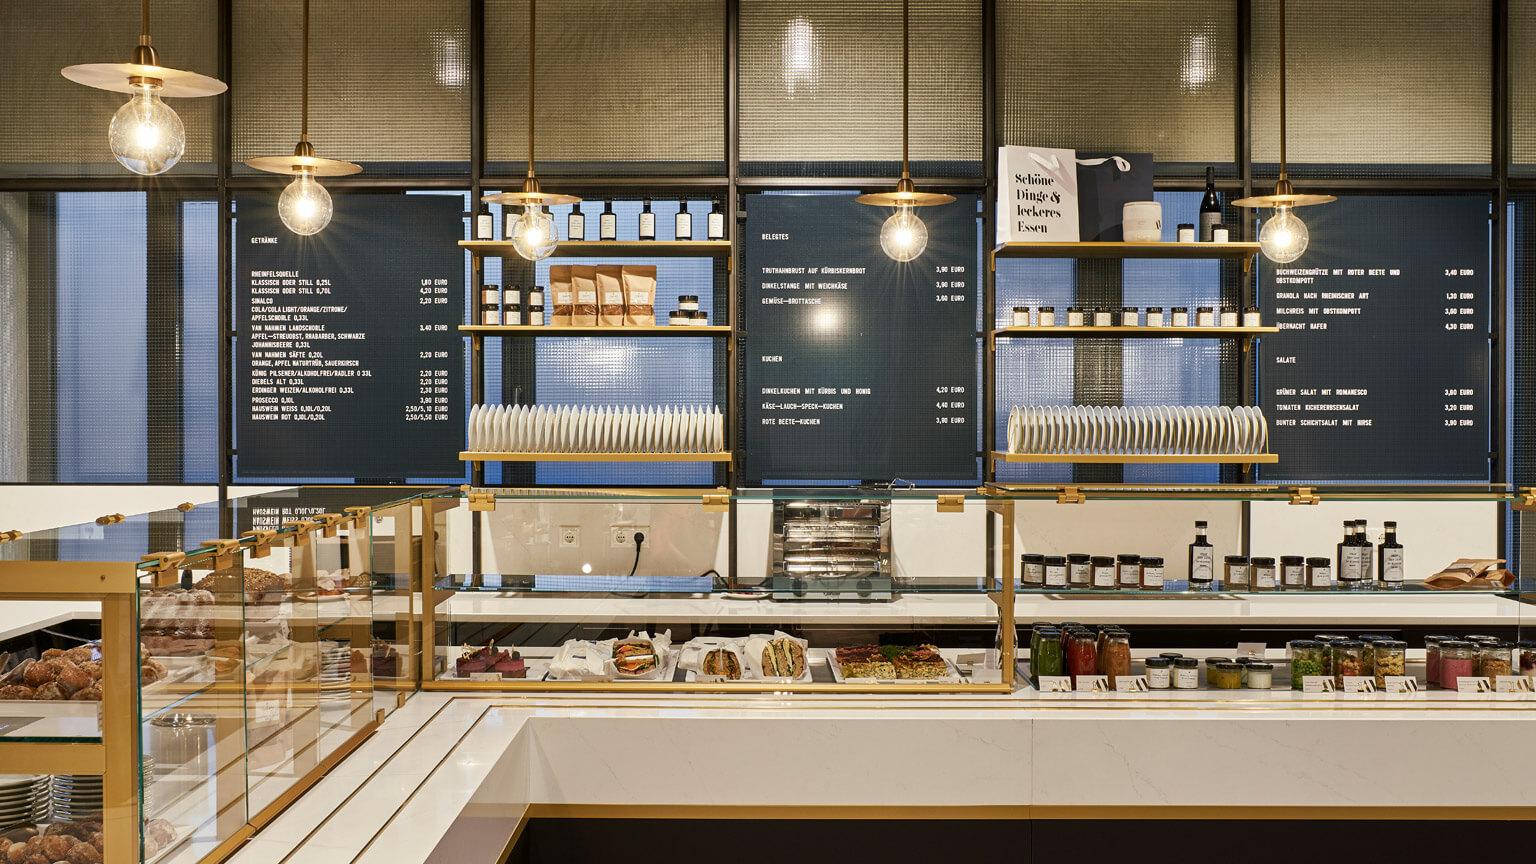 Av Concept Store - Bäckerei